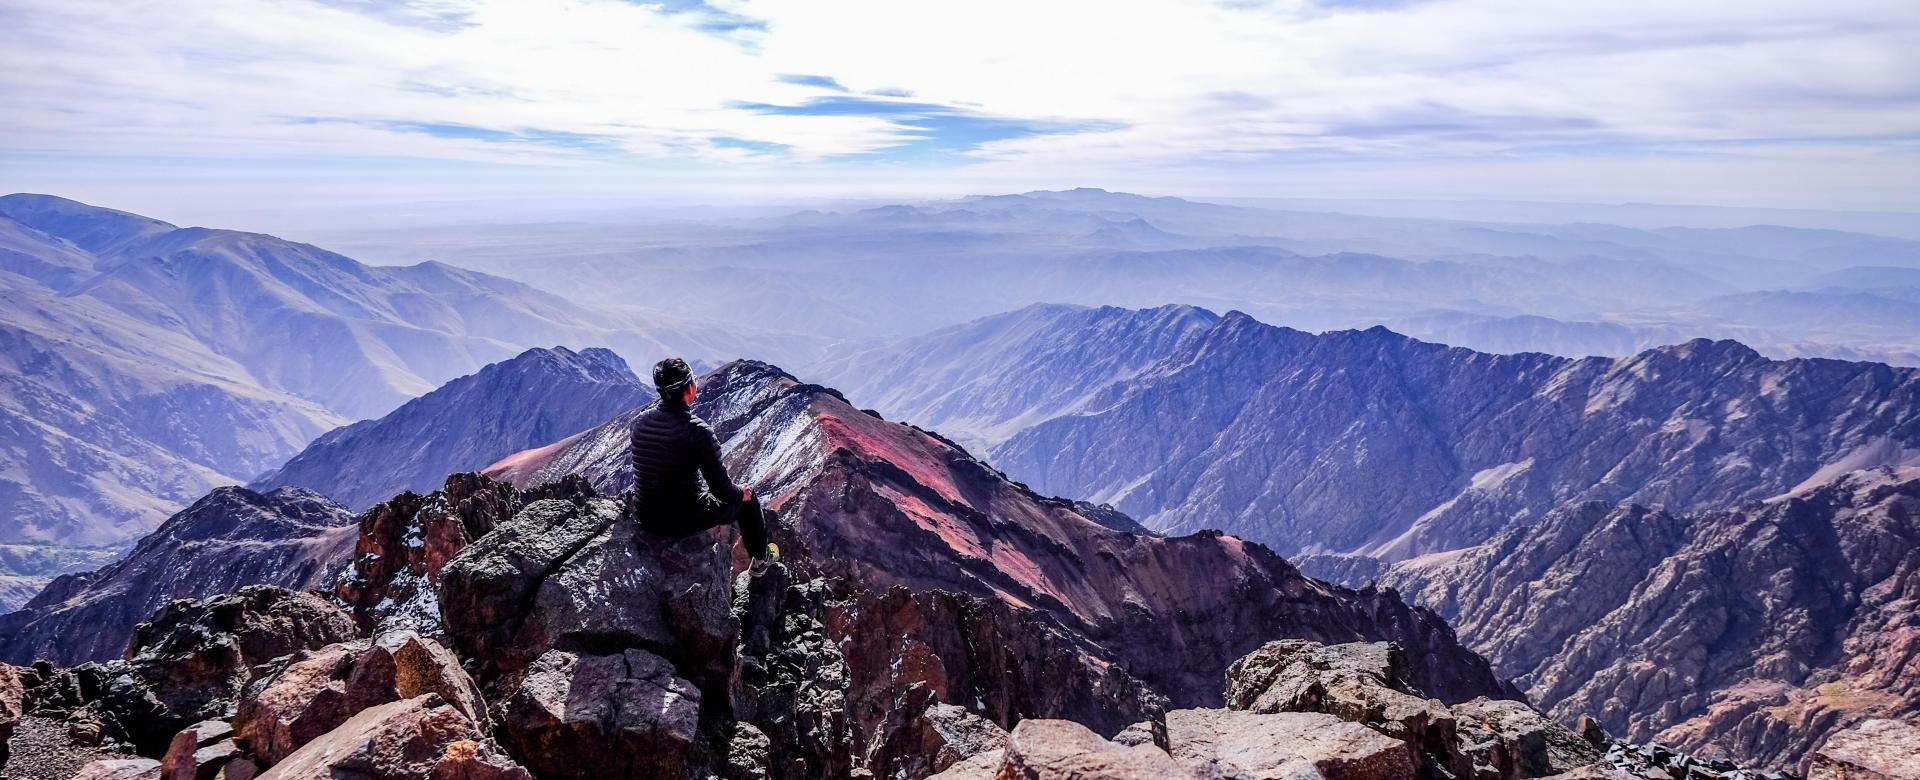 Voyage à pied : Le toubkal tranquille